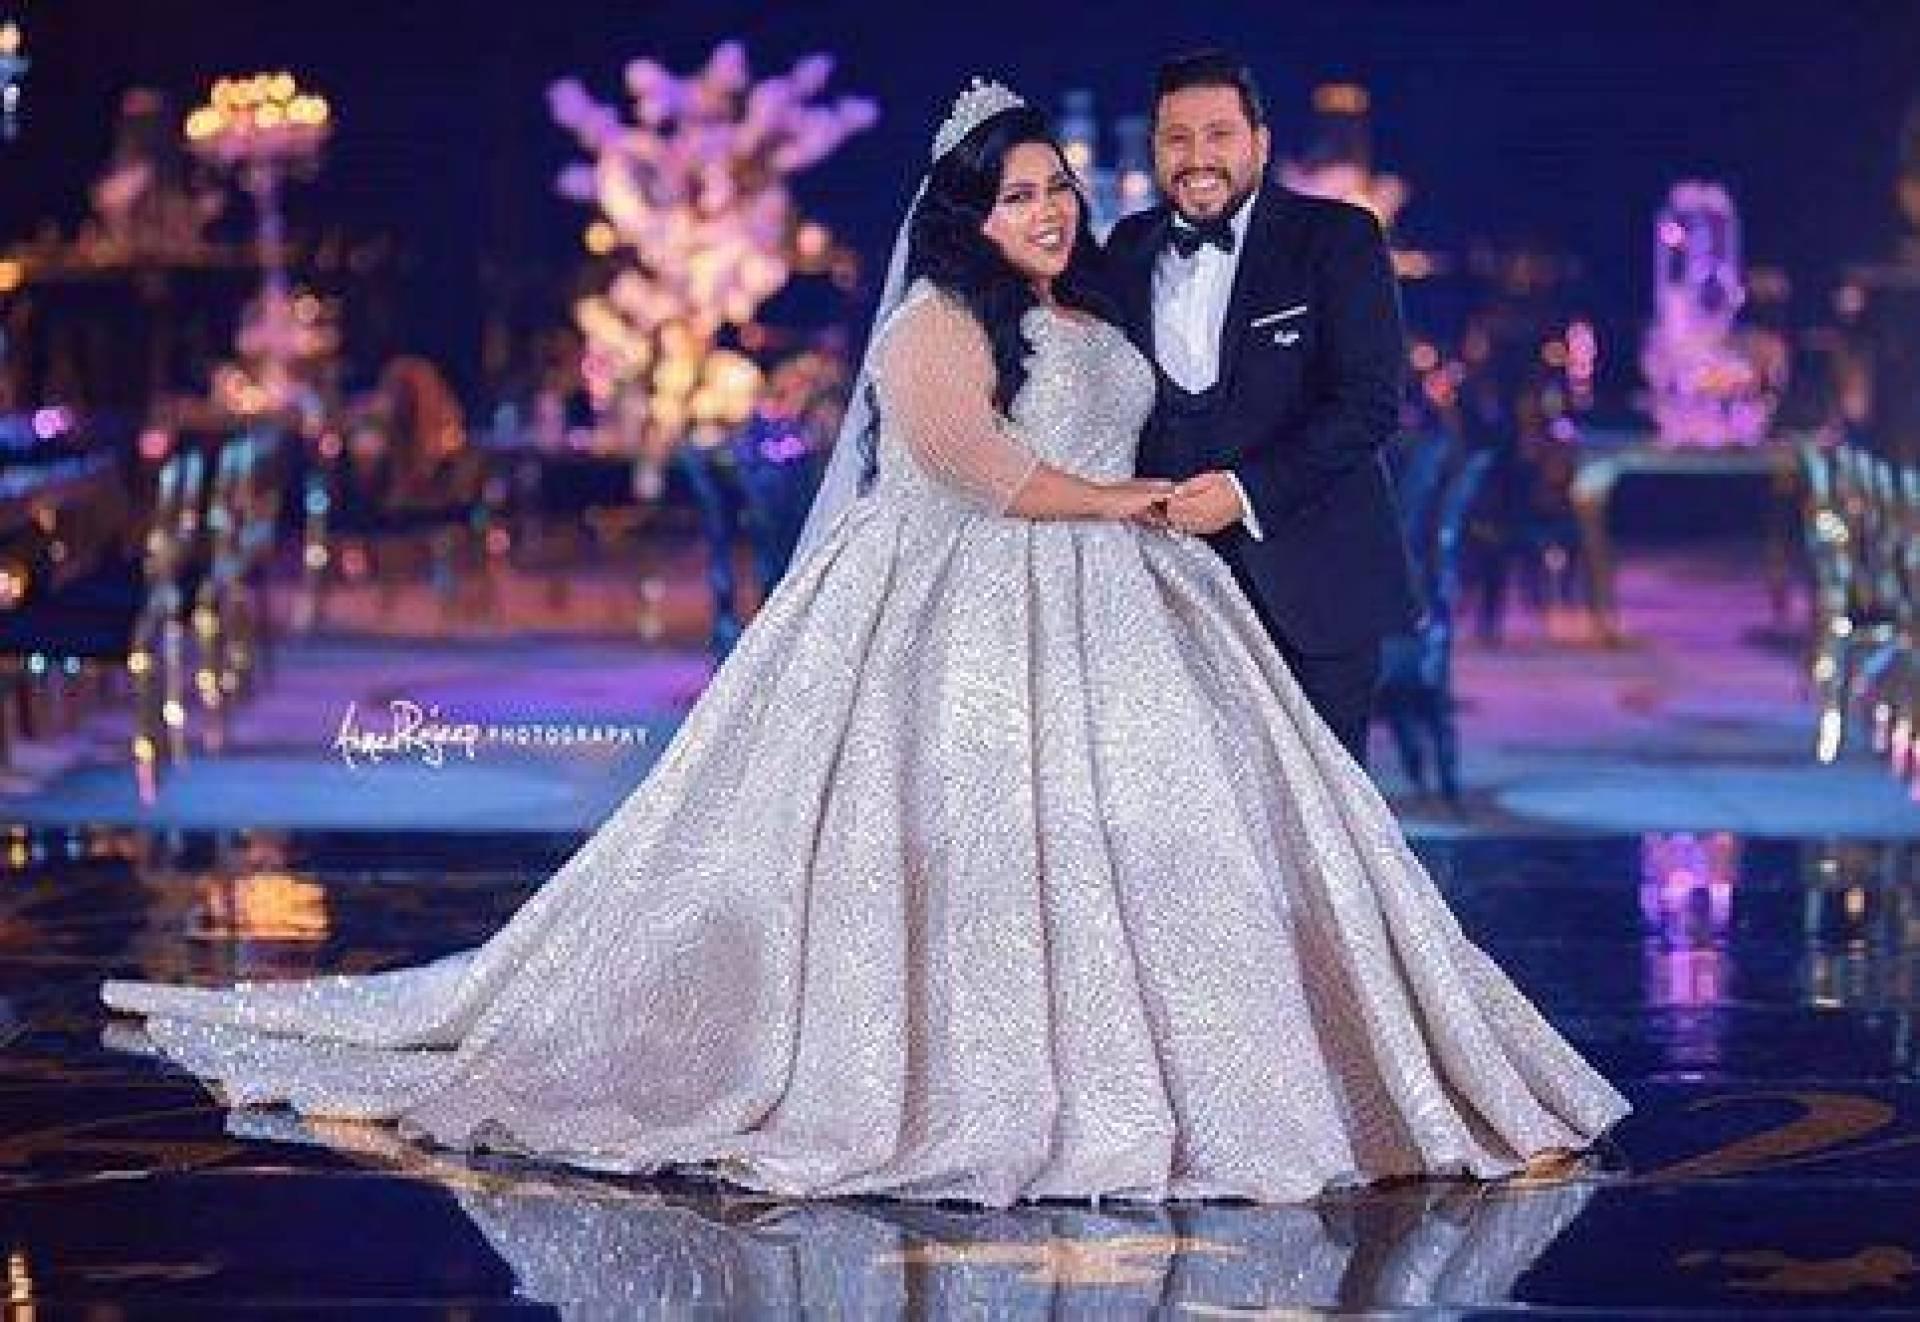 7defcf7e9b2c7 بالصور - فستان زفاف شيماء سيف يبهر الجميع.. الأفضل للعروس الممتلئة ...